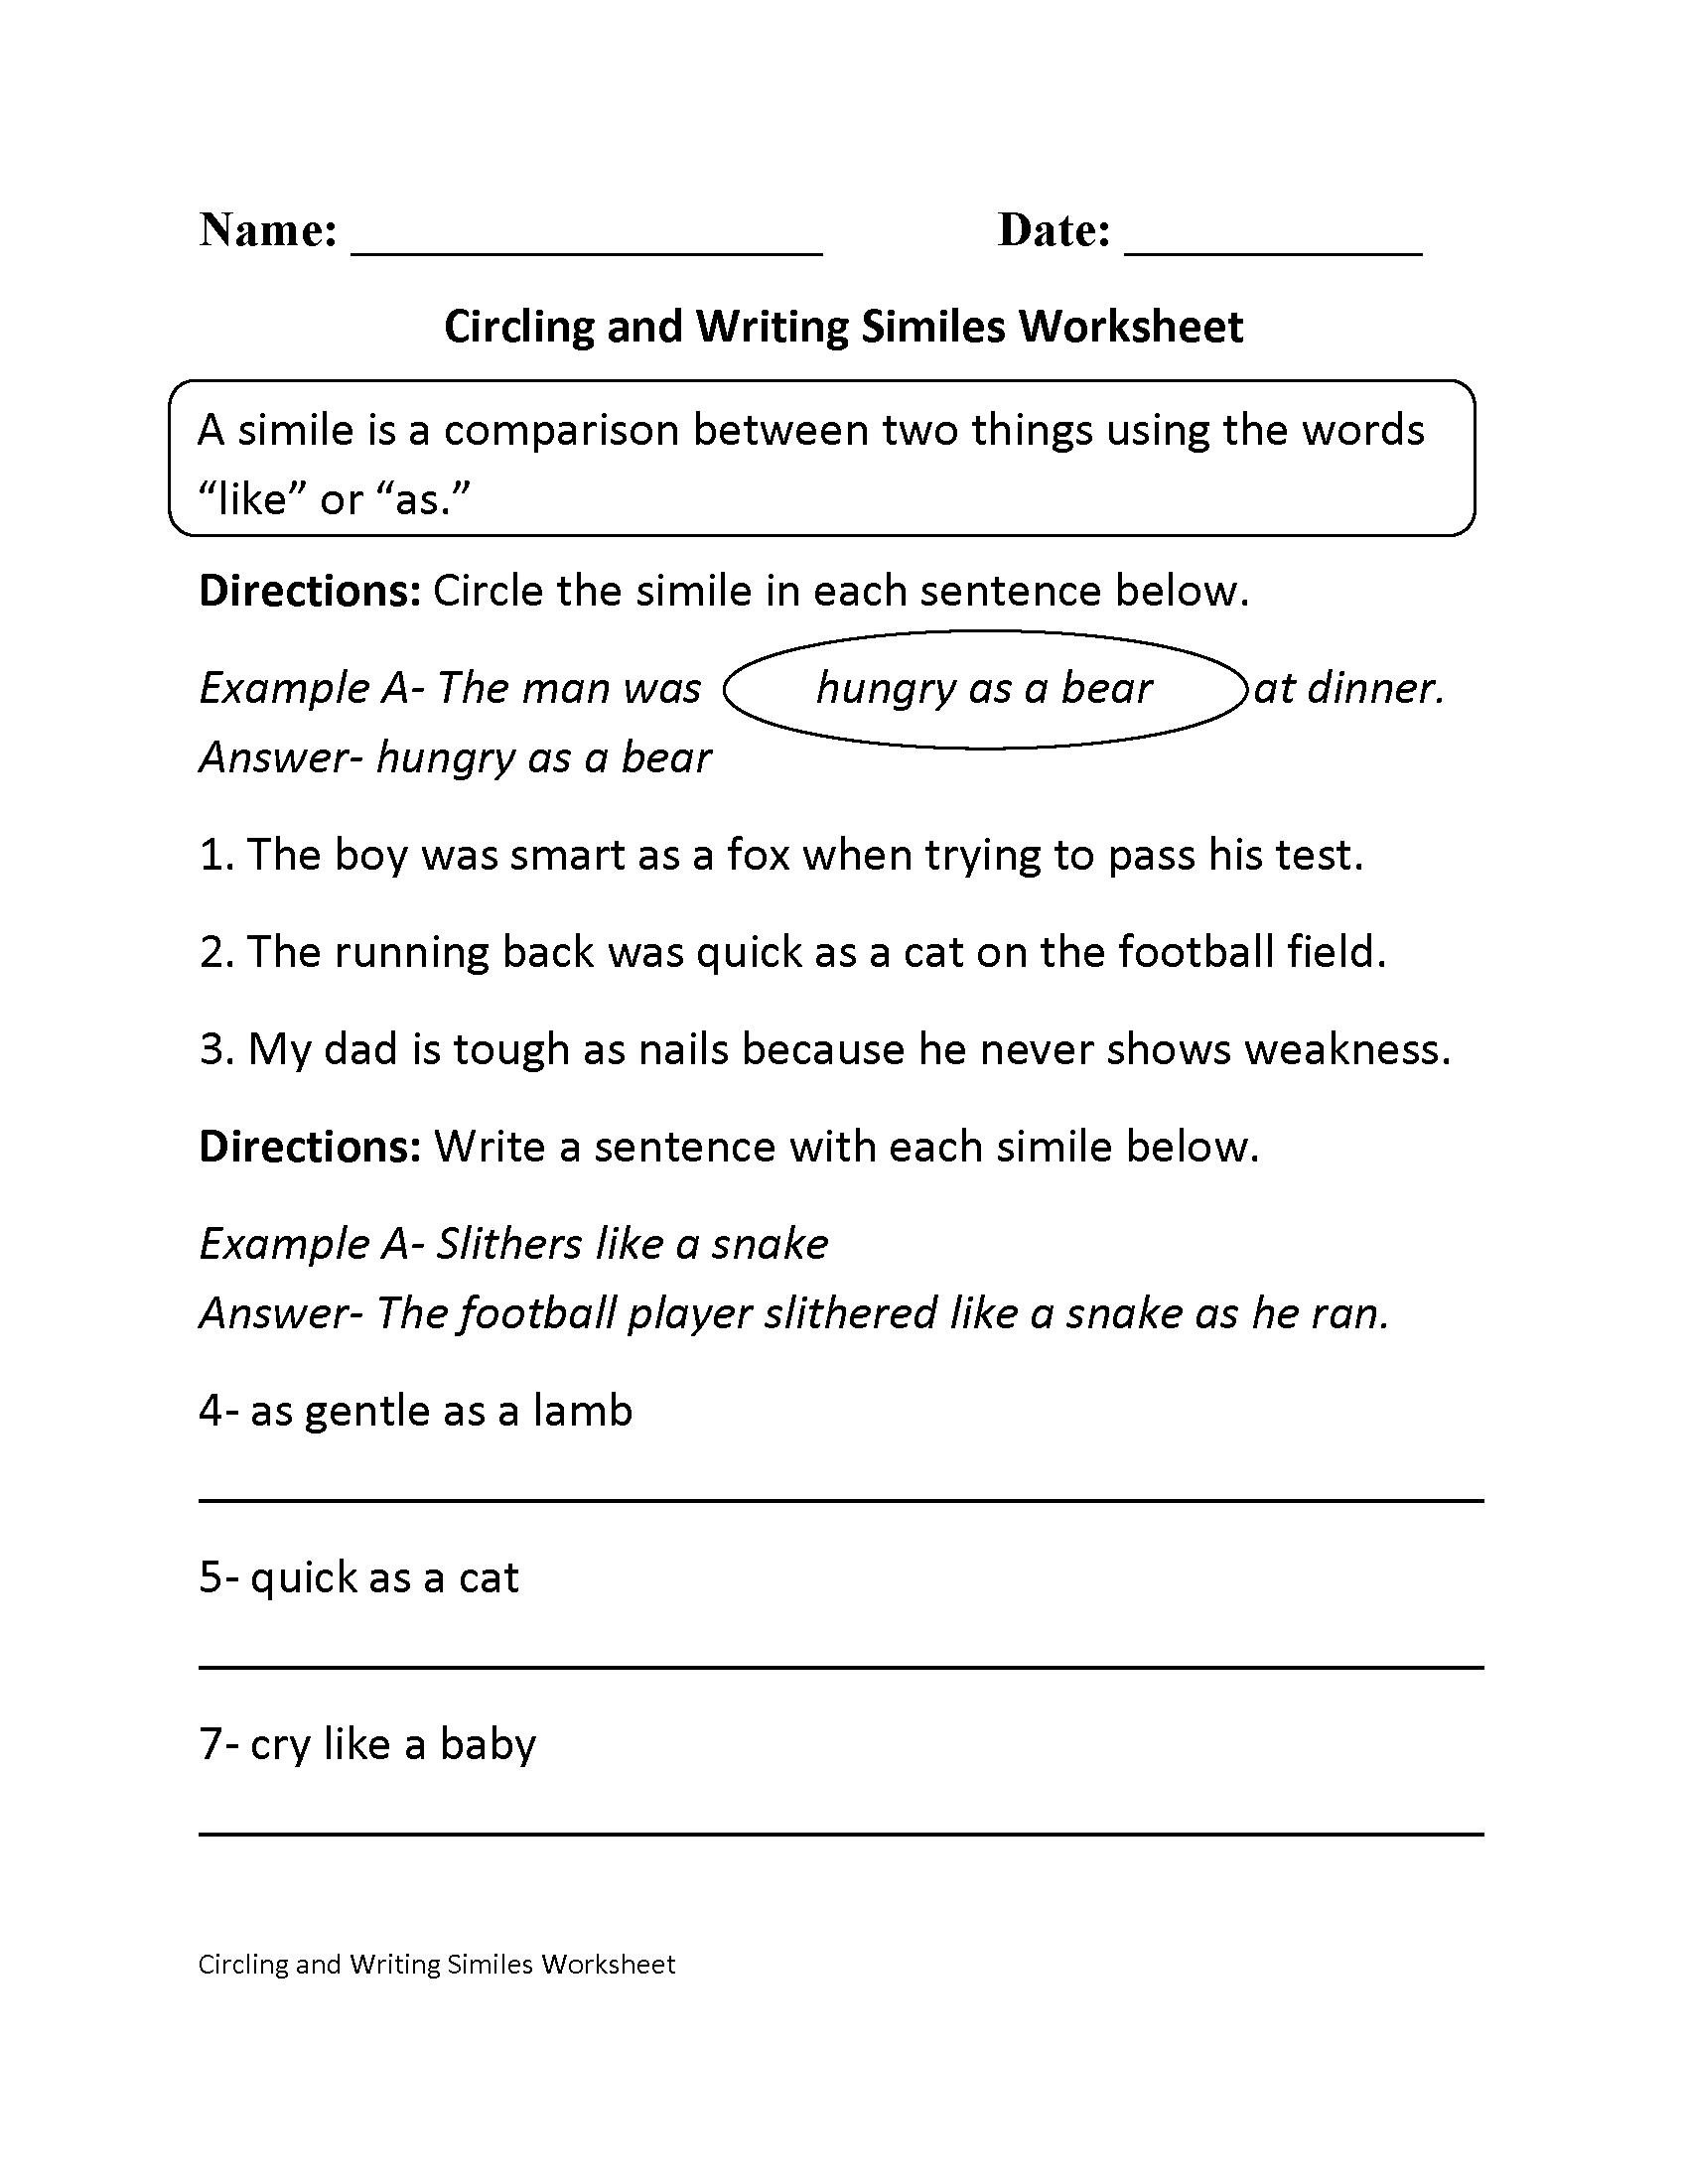 Circling And Writing Similes Worksheet